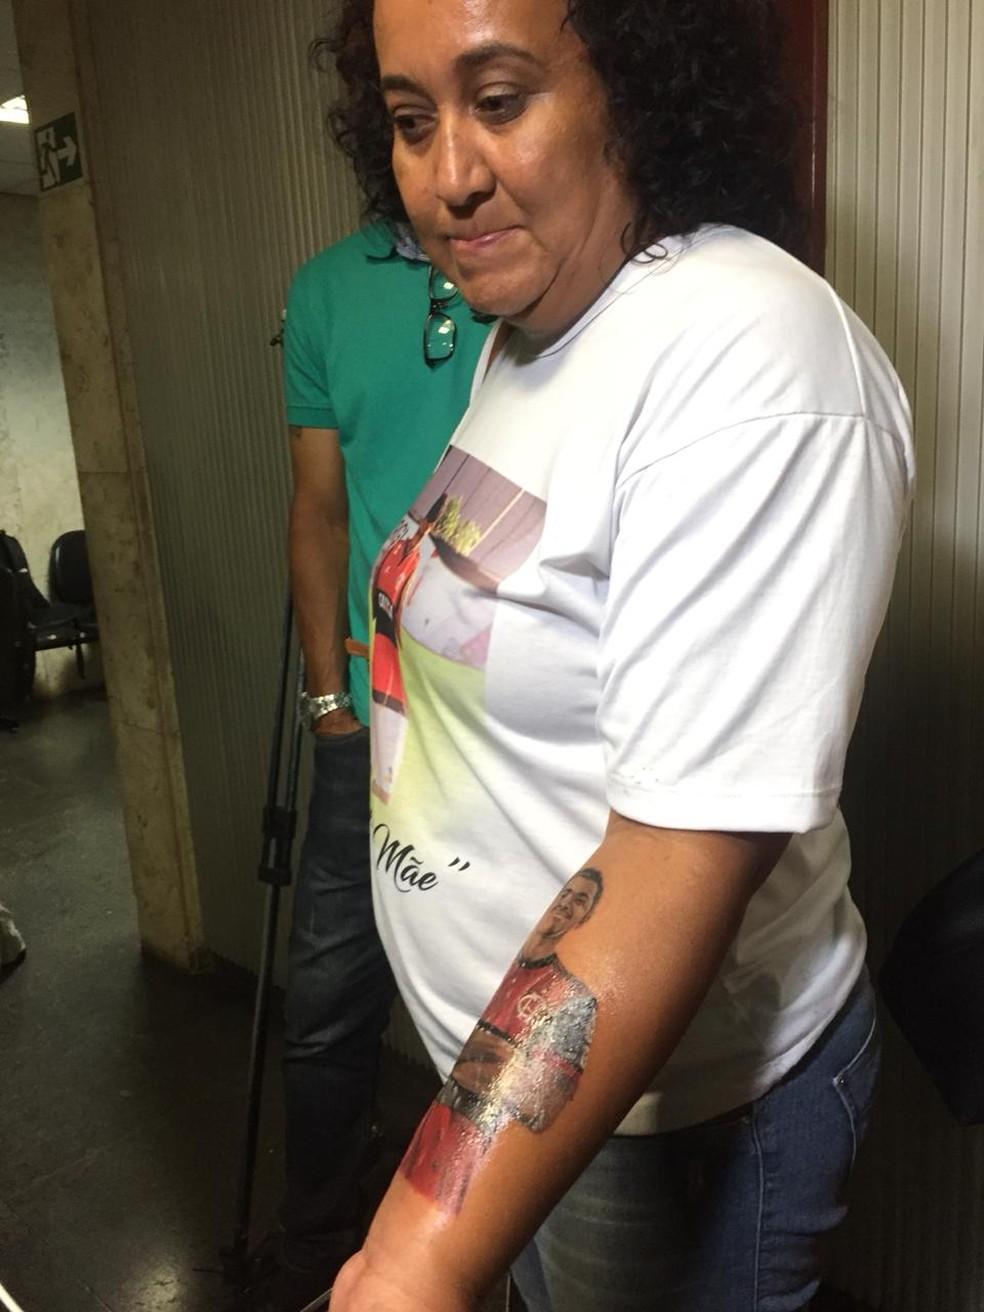 Mãe de Arthur faz uma tatuagem em homenagem ao filho no braço — Foto: Raphael Zarko